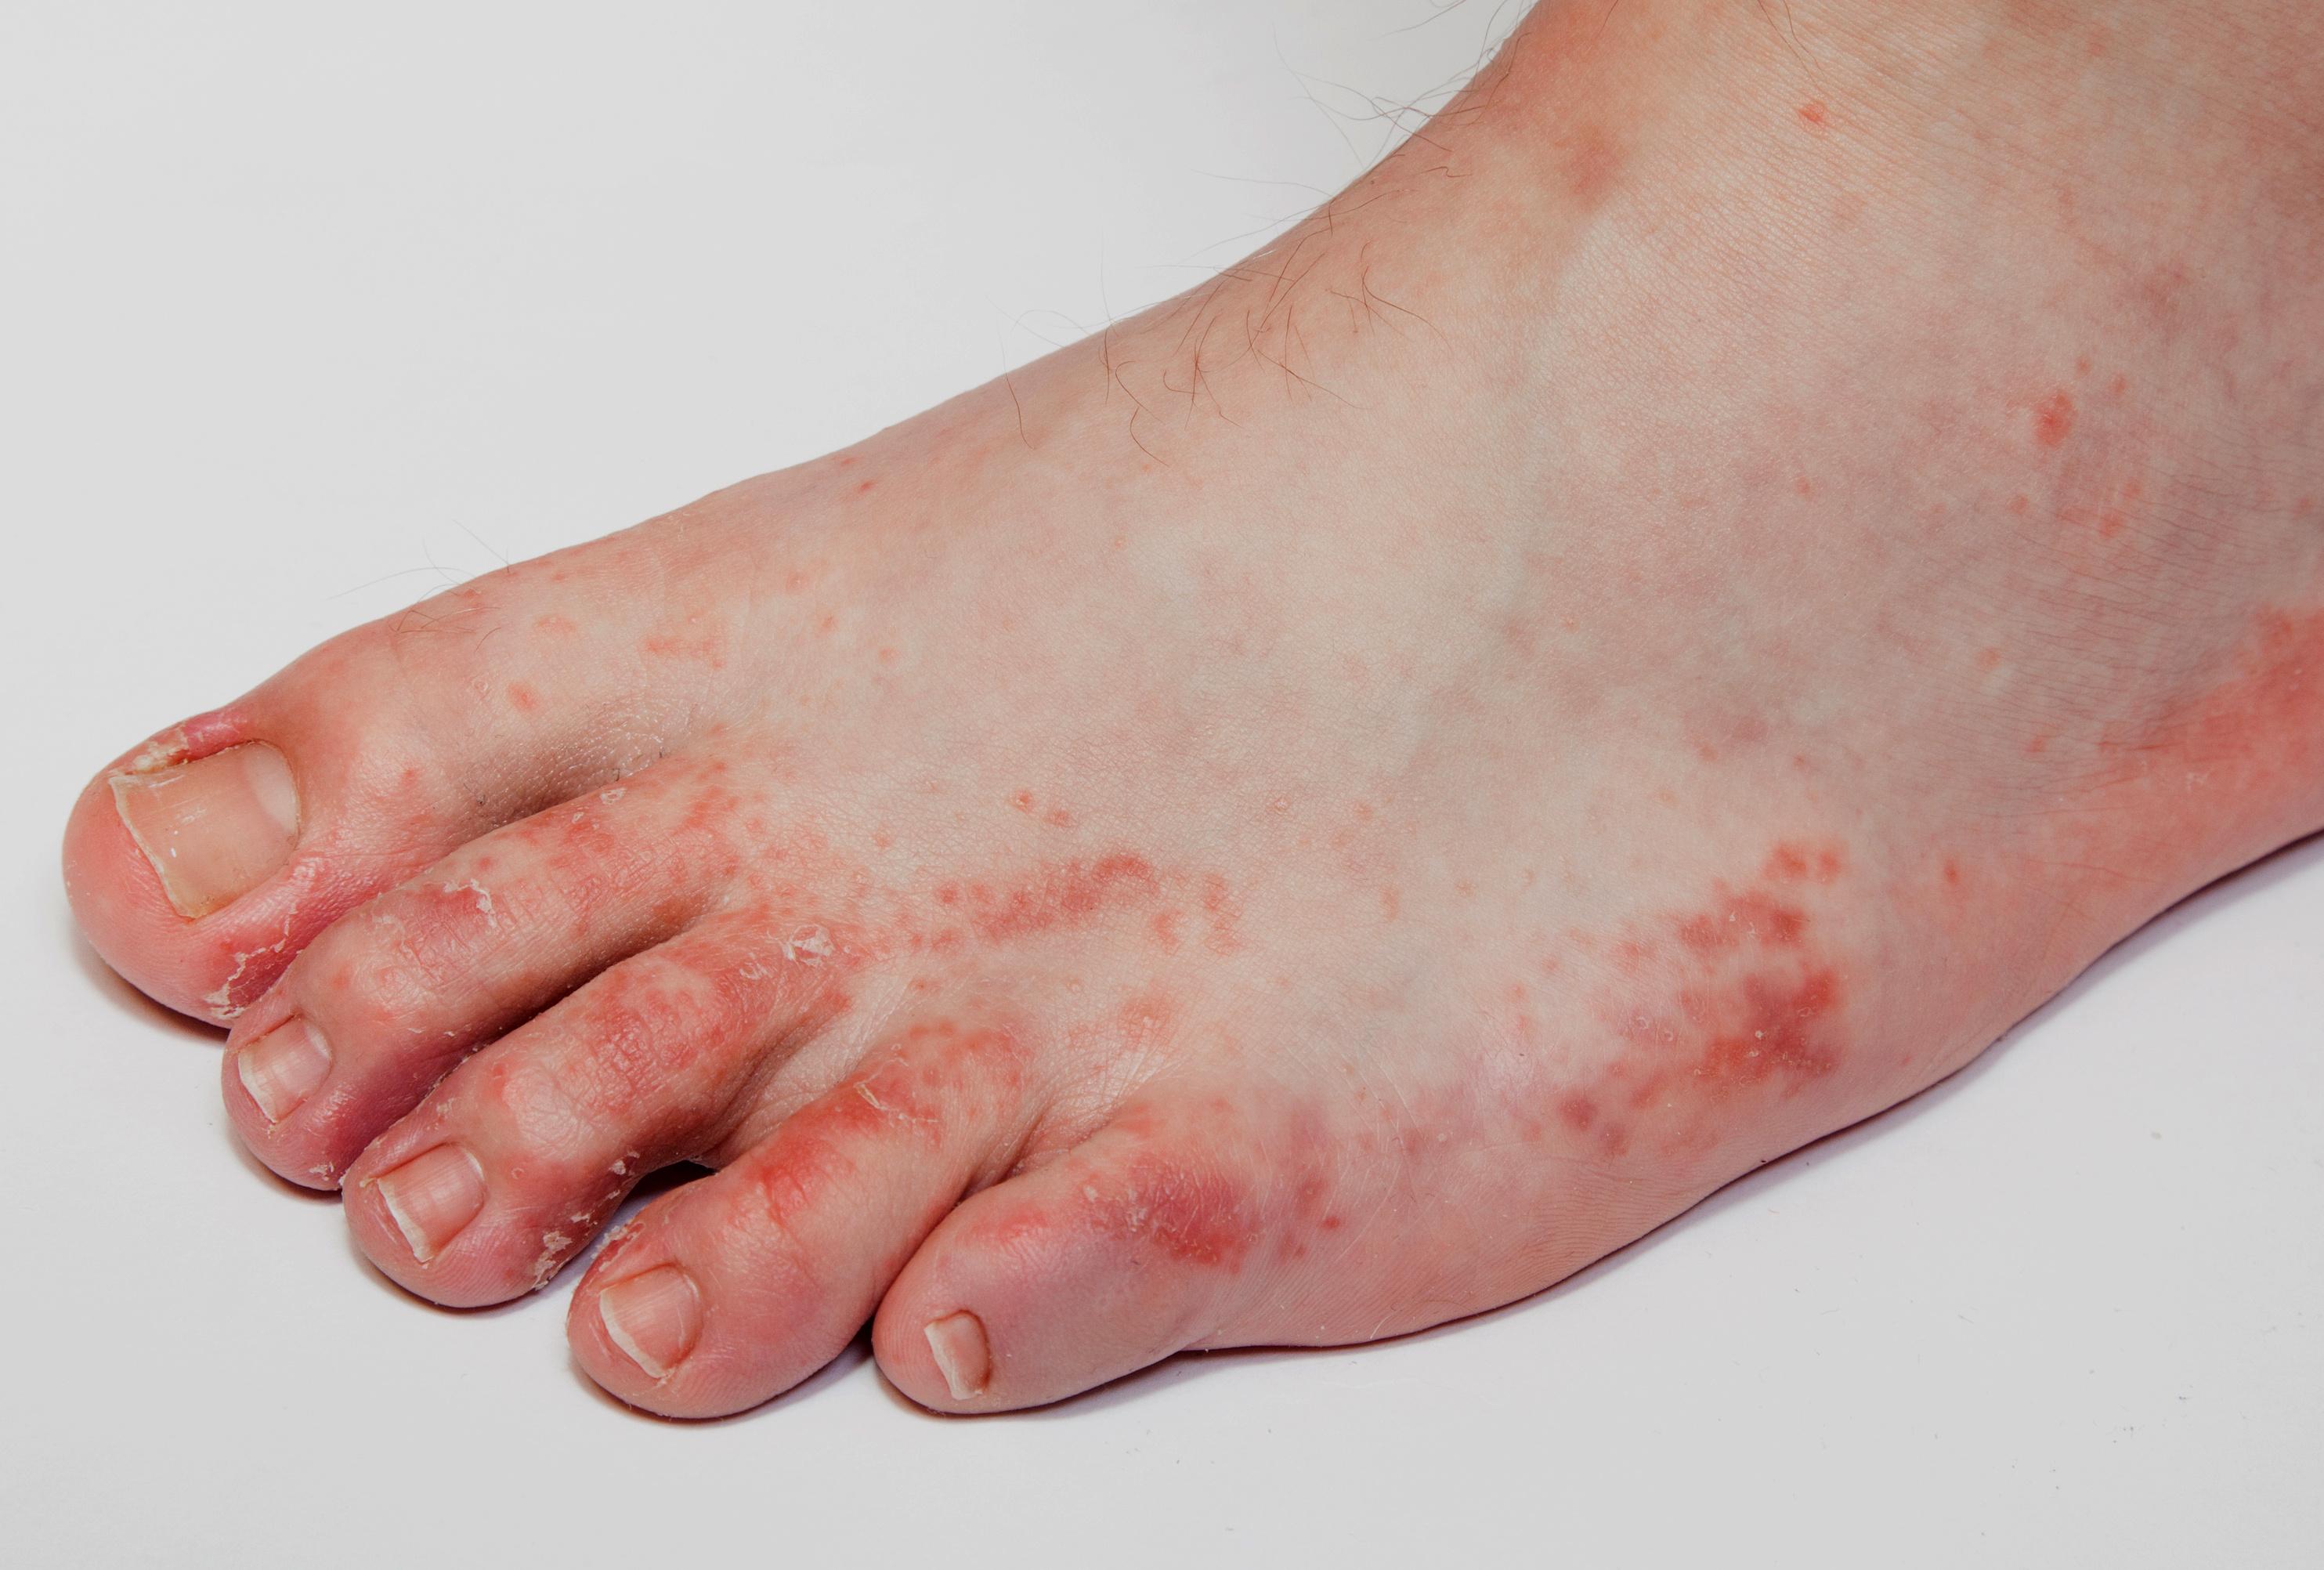 vörös foltok a talpon cukorbetegségben foltok az arcon vörös bőrbetegségek